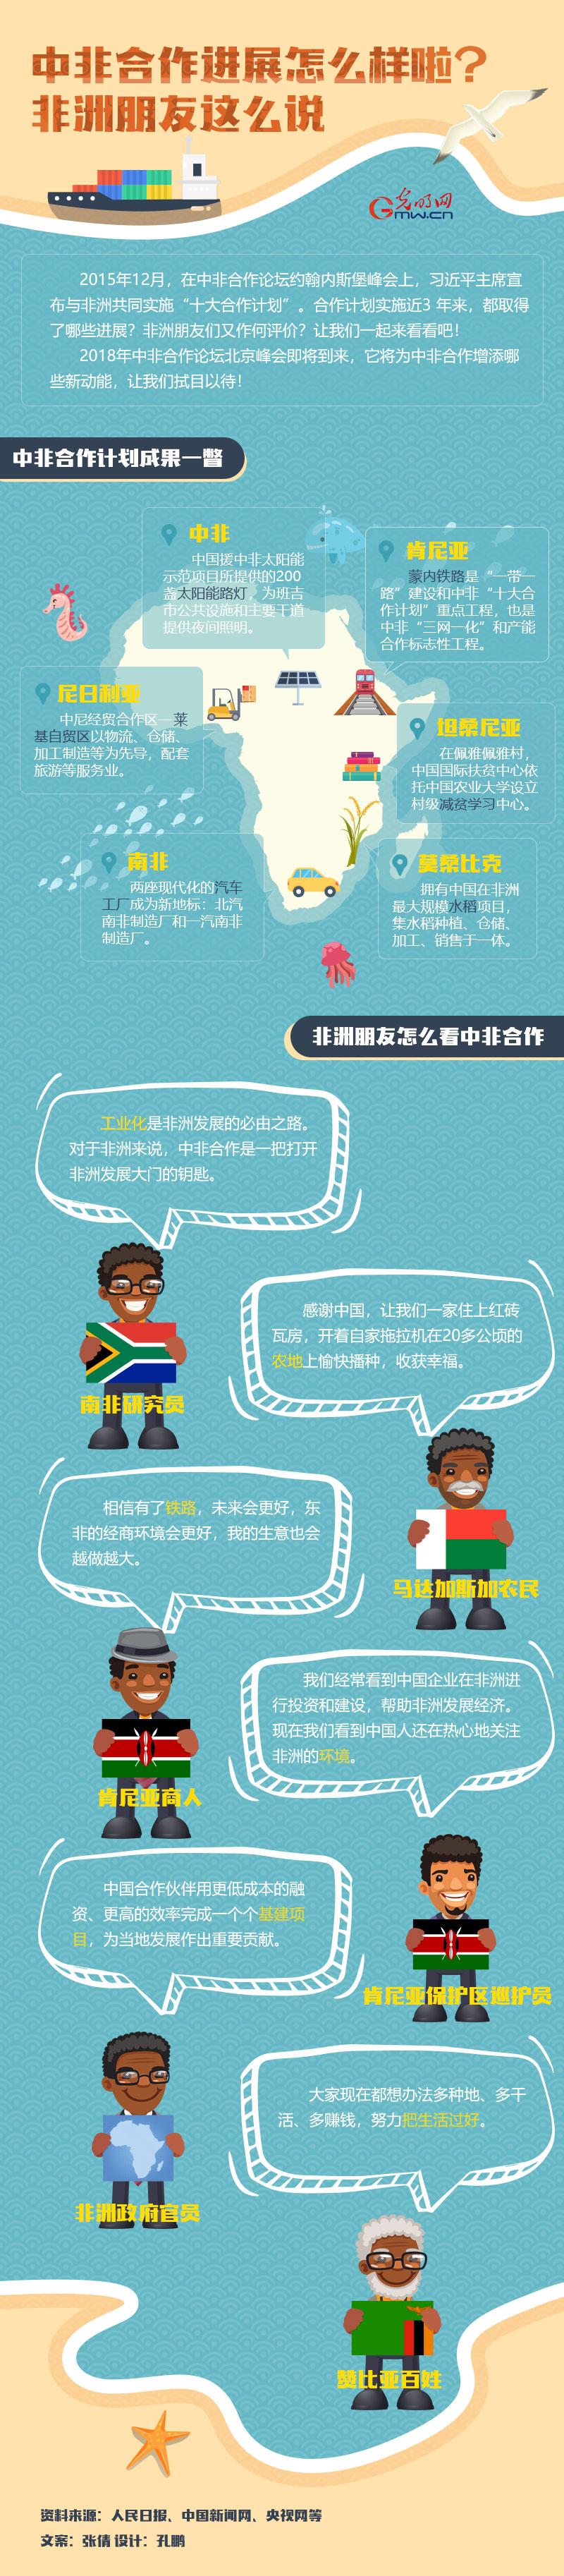 图解:中非合作进展怎么样啦?非洲朋友这么说